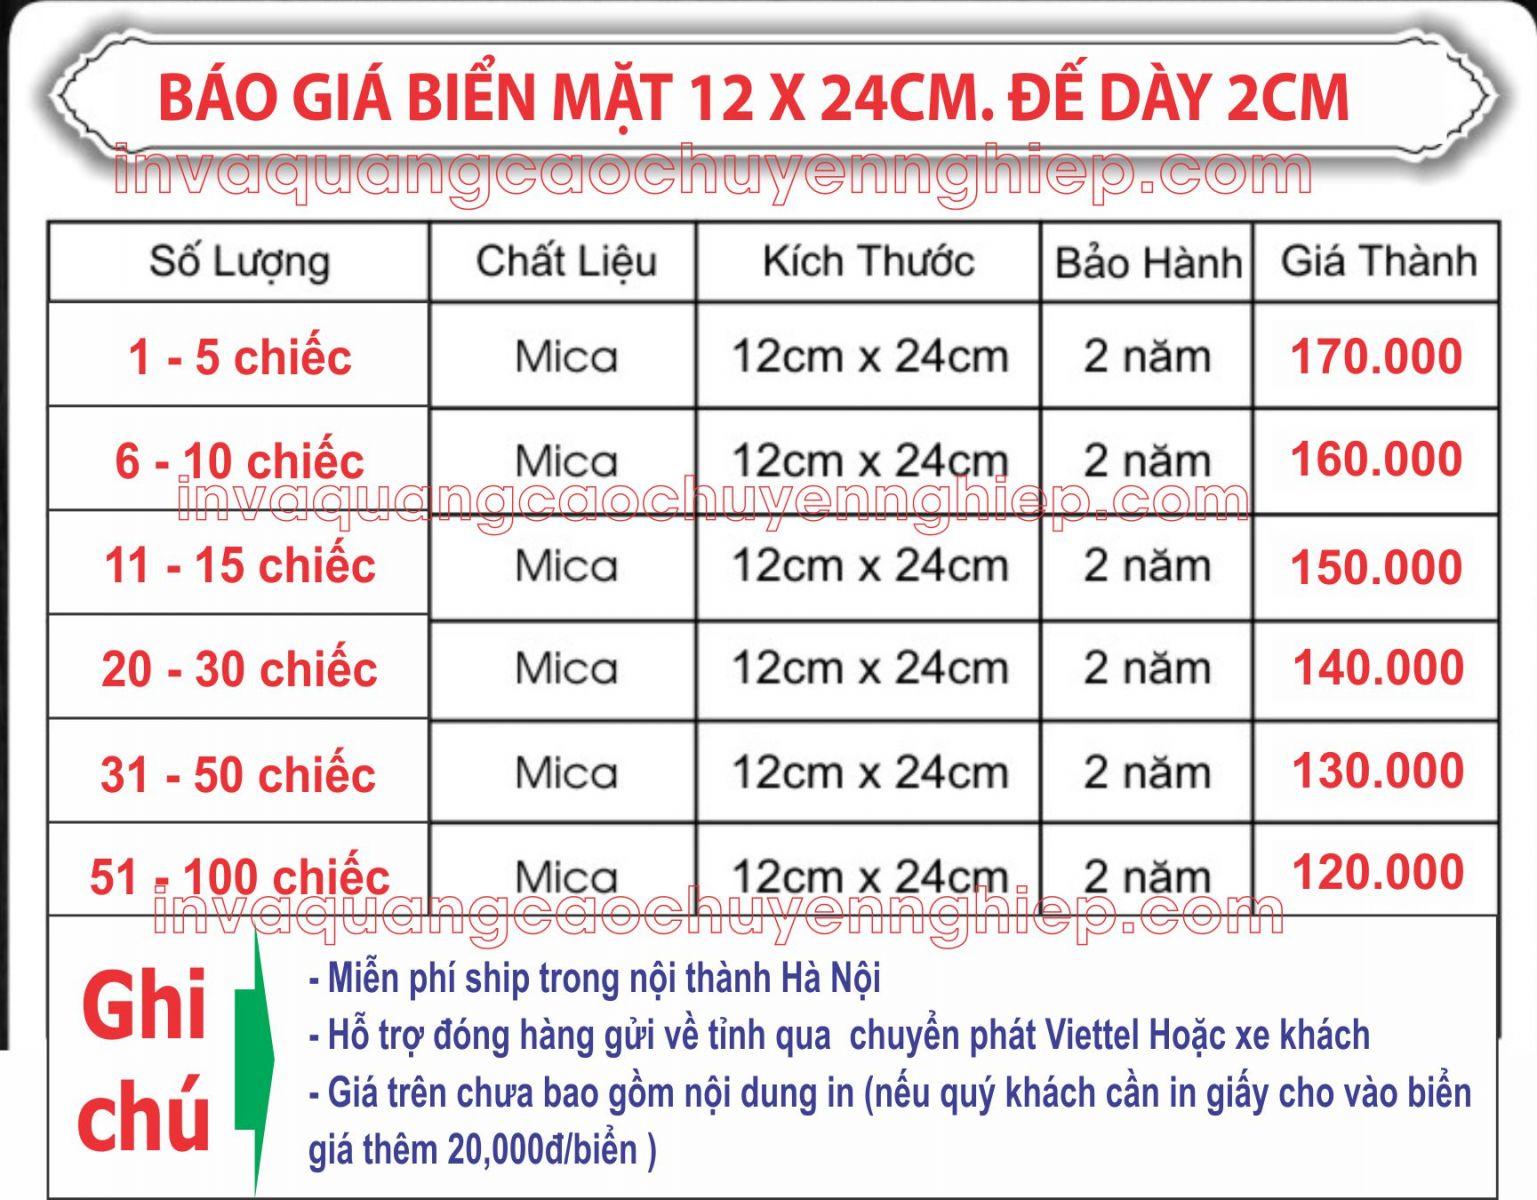 báo giá biển chức danh mica 12x24cm đế dày 2cm